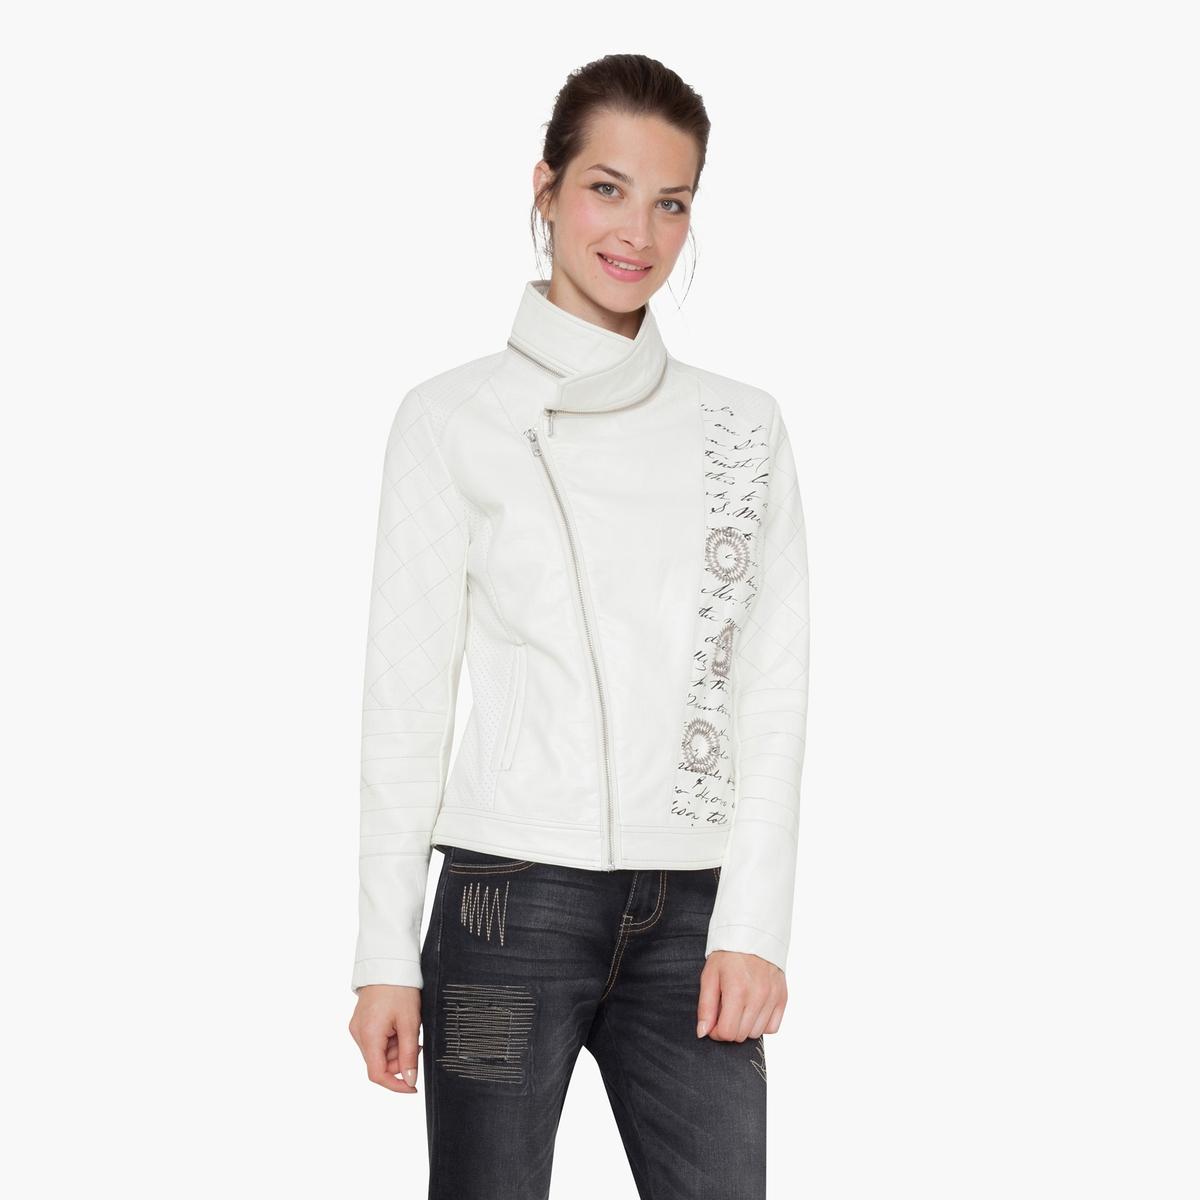 Куртка на молнииМатериал: 100% полиуретана.Тип застежки: застежка на молнию. Форма воротника: без воротника.Длина изделия: короткий.Рисунок: однотонная модель.<br><br>Цвет: экрю